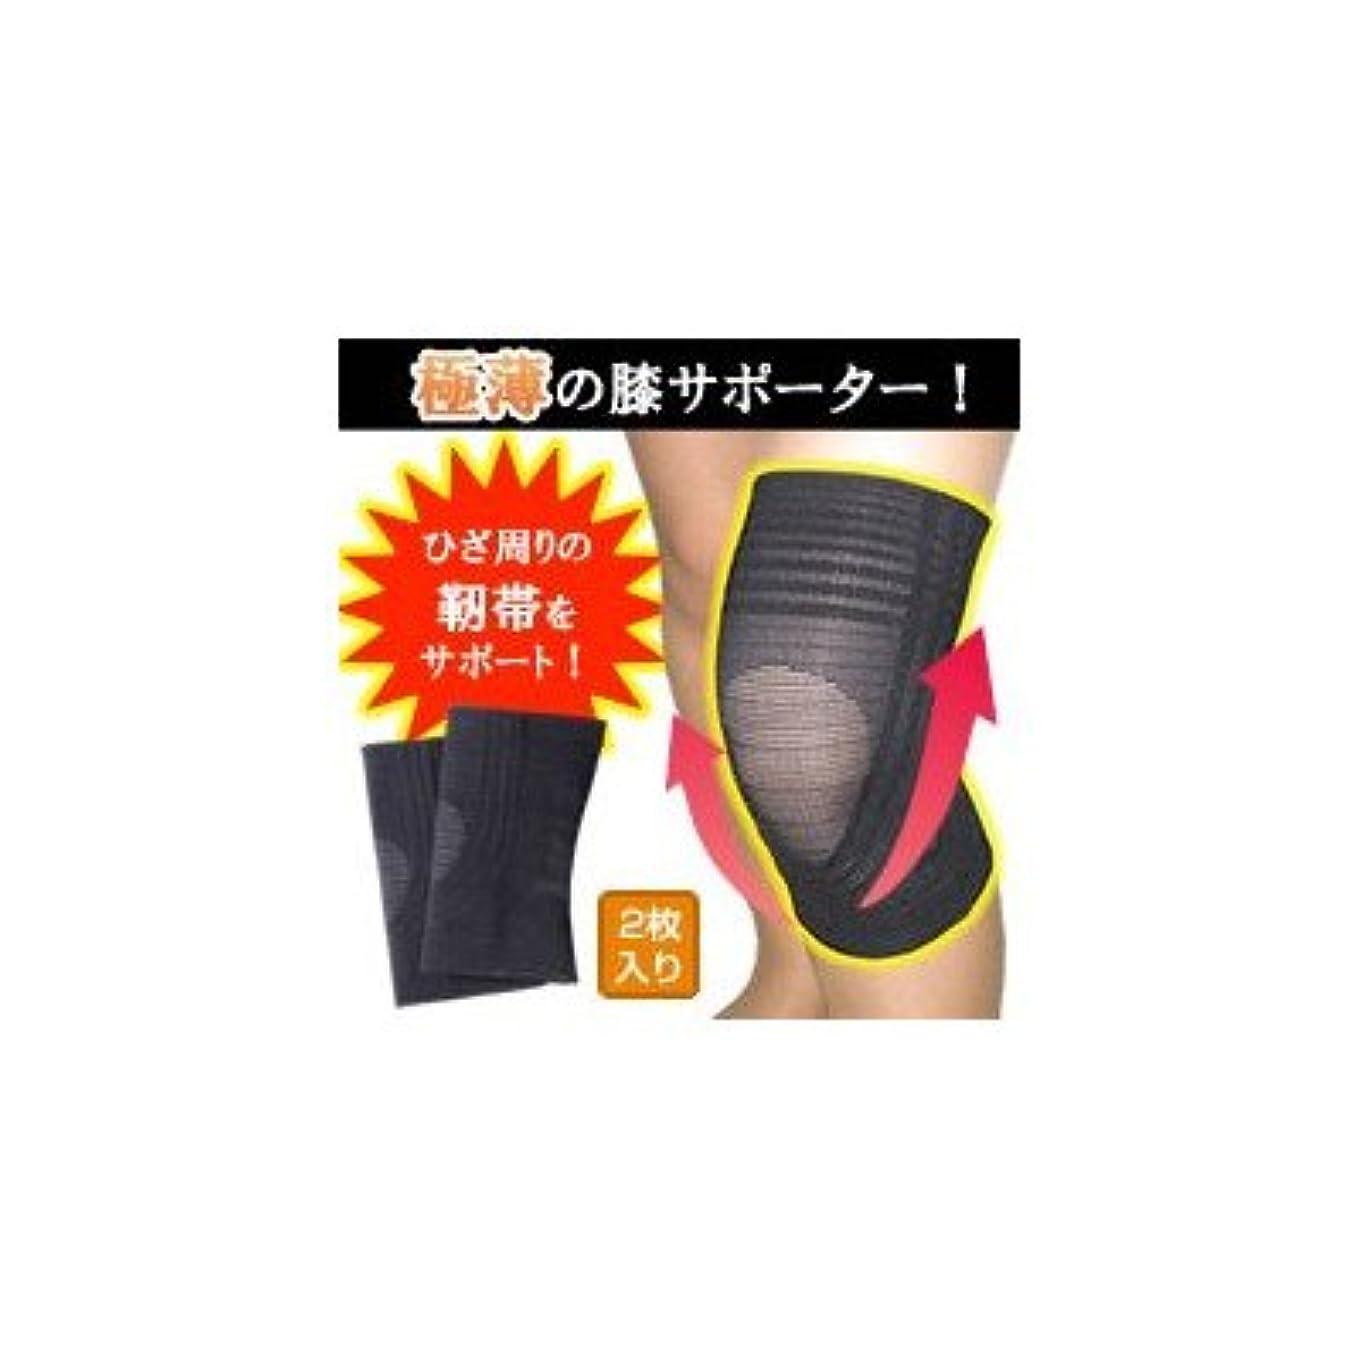 高価な木製アンケート縁の下の膝靭帯サポーター L( 画像はイメージ画像です お届けの商品はLのみとなります)